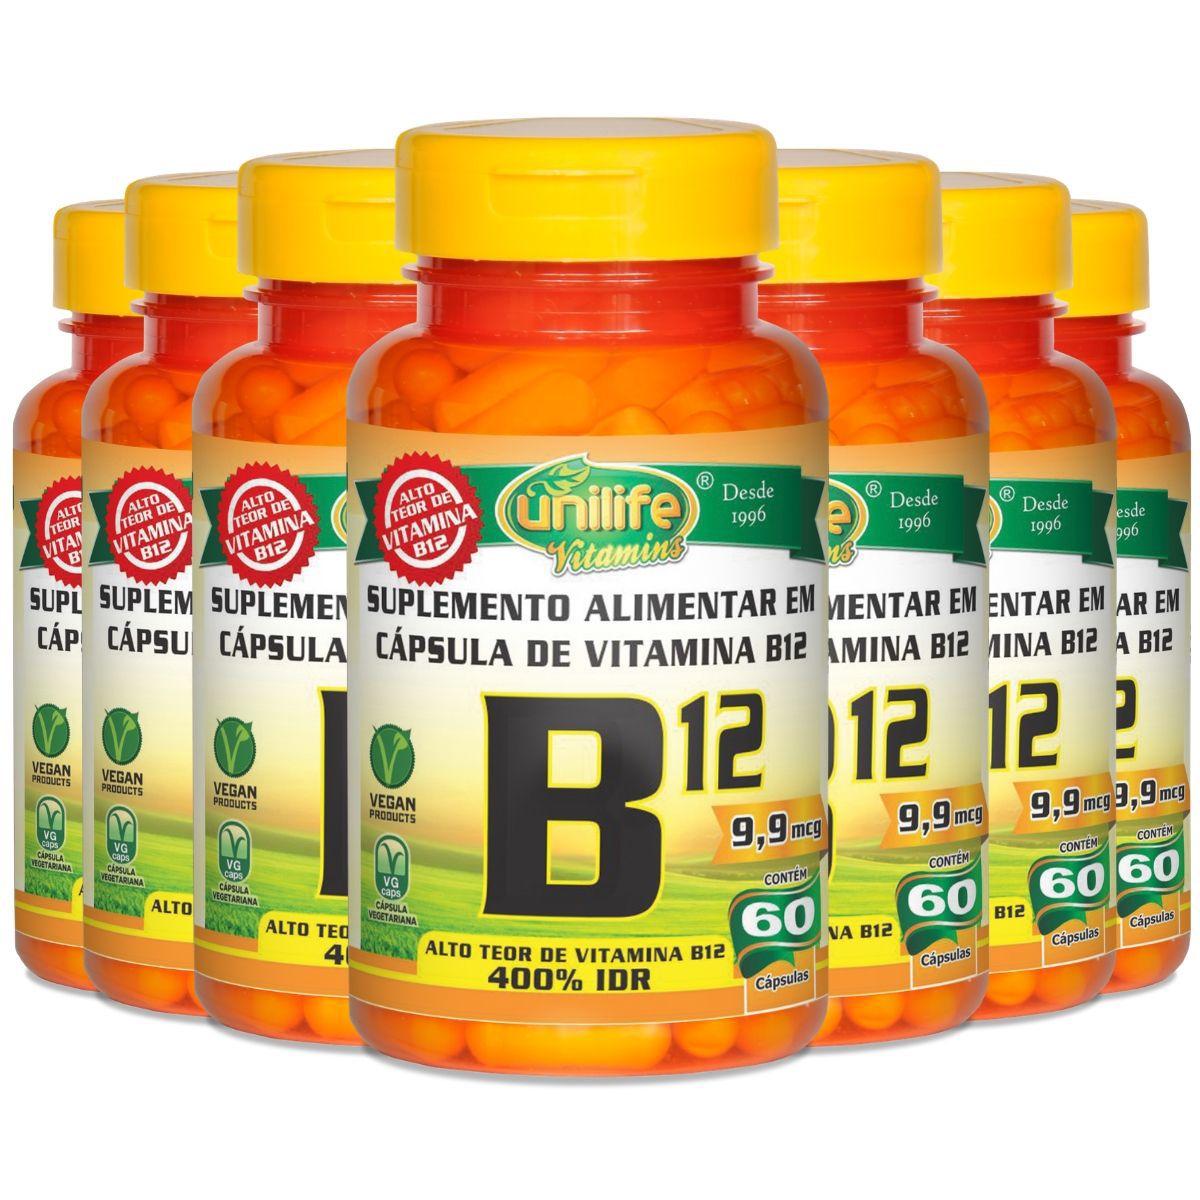 Kit 7 Vitamina B12 Cianocobalamina Unilife - 60 Cápsulas 450mg